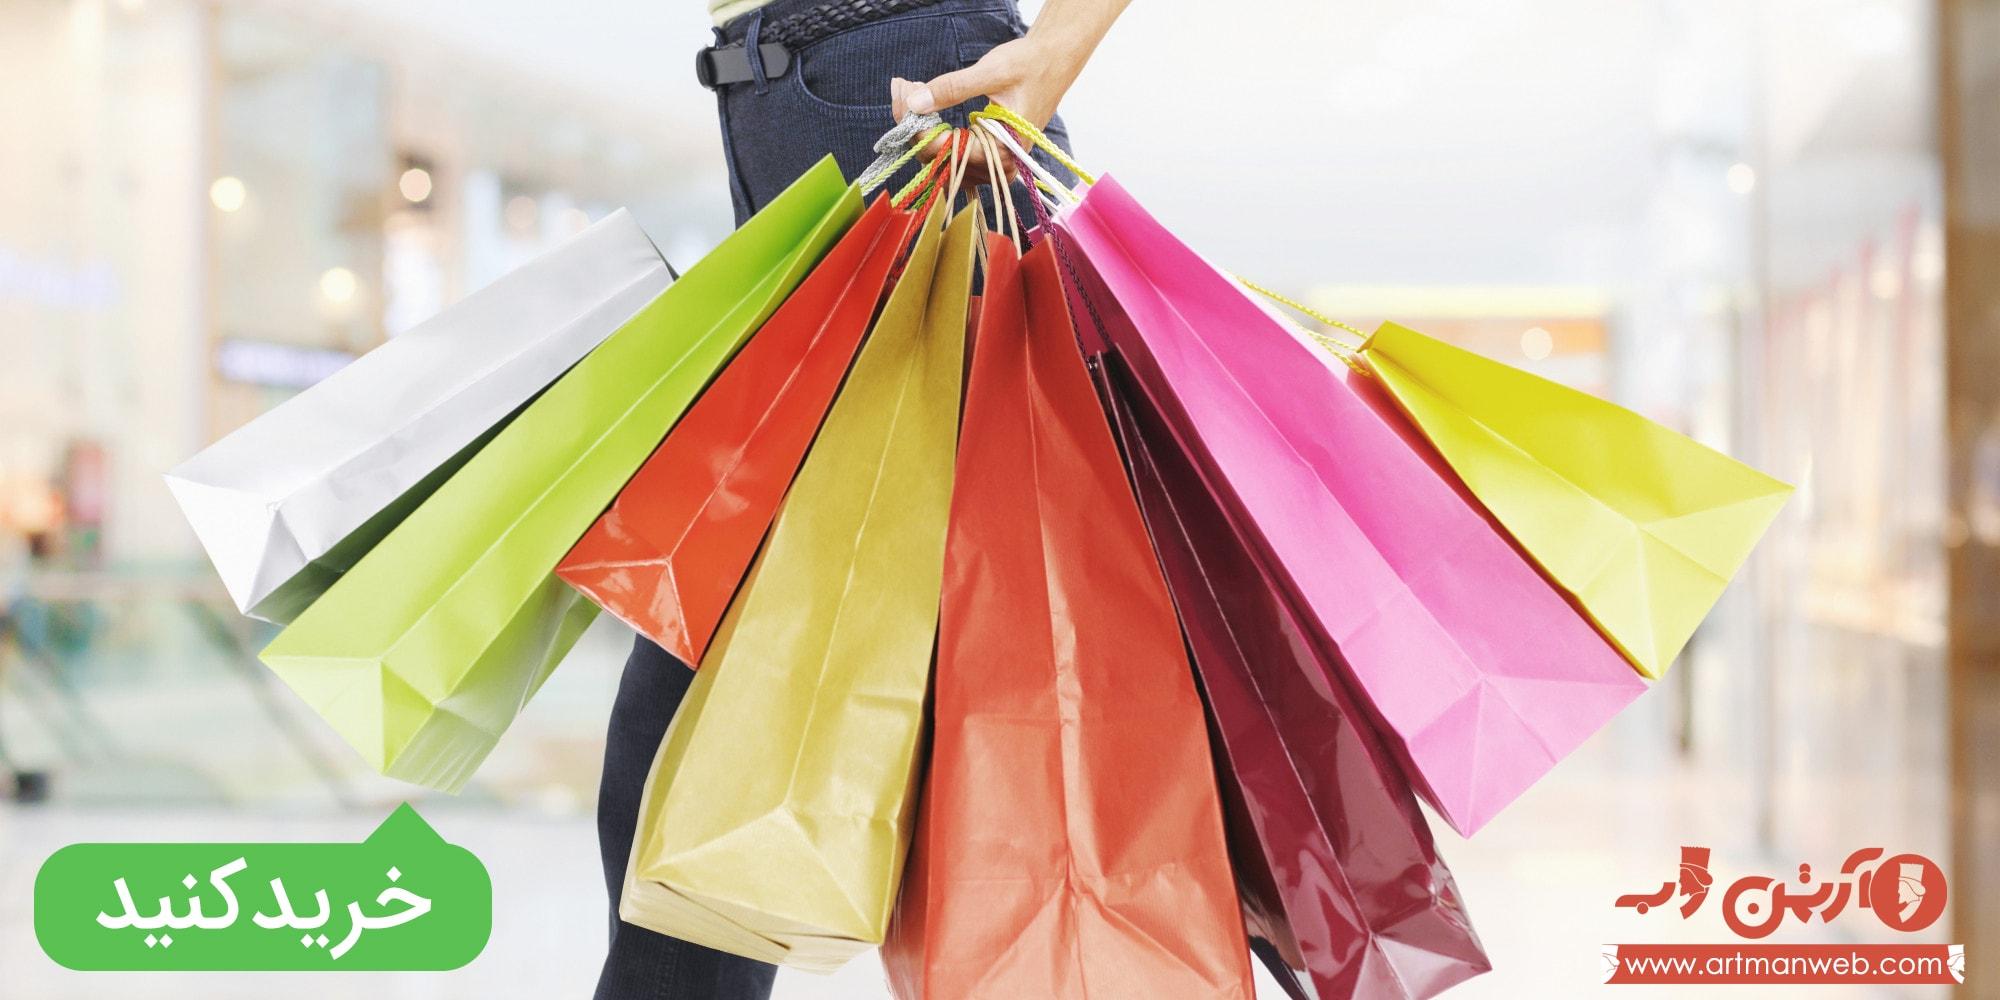 چگونه فروش سایت خود را پس از فشردن دکمه خرید بالا ببریم؟